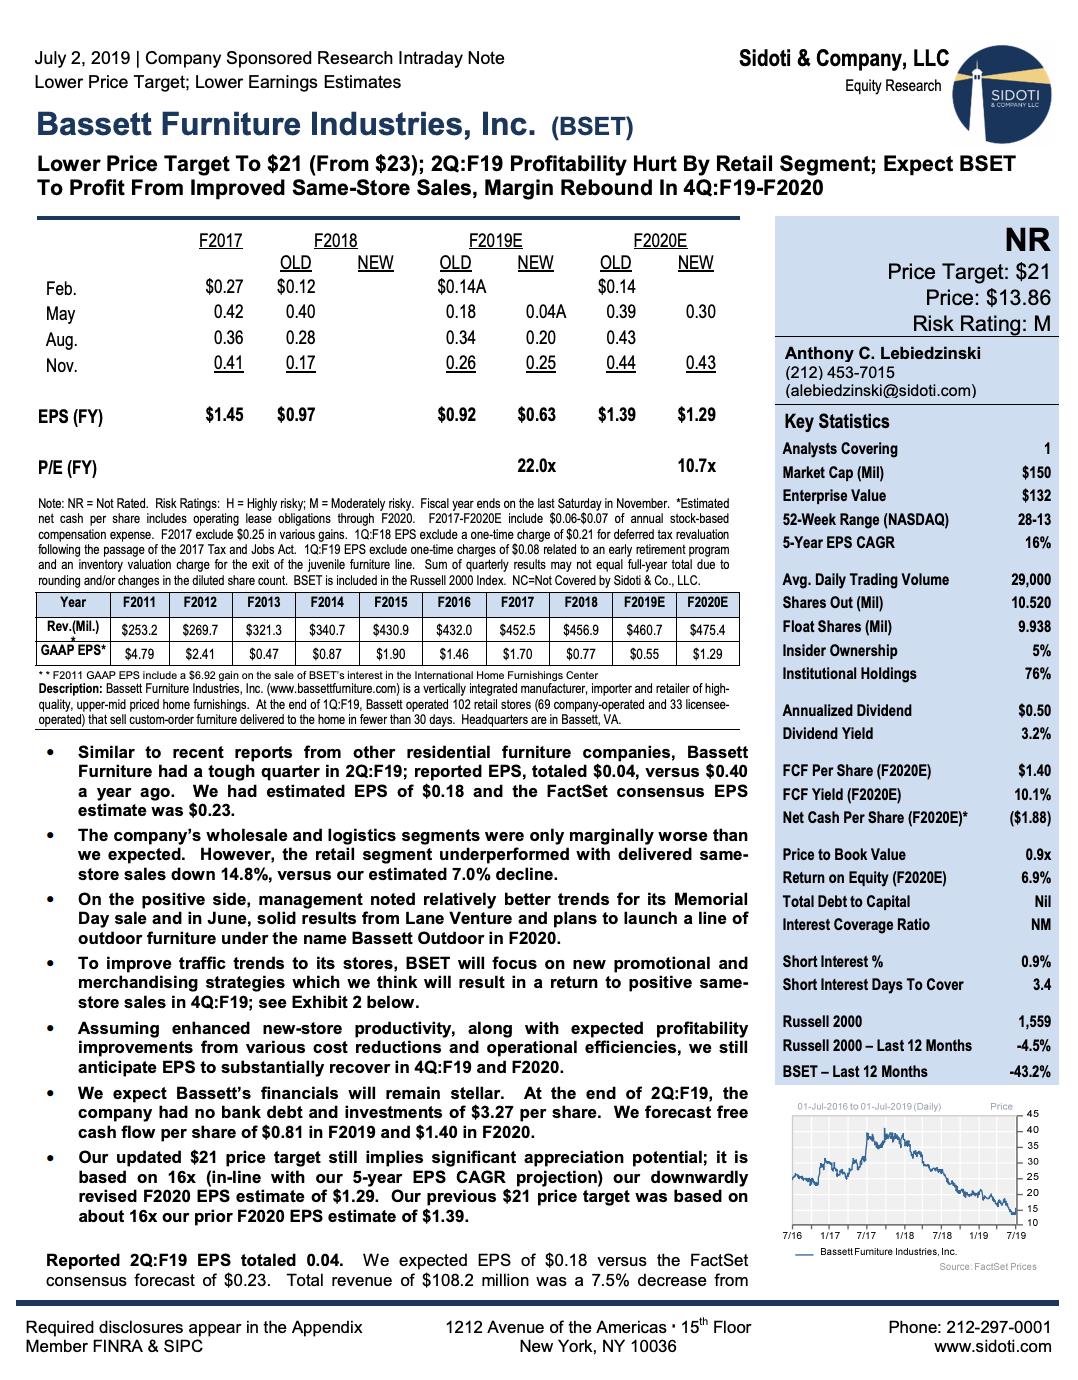 Earnings Report: July 2, 2019